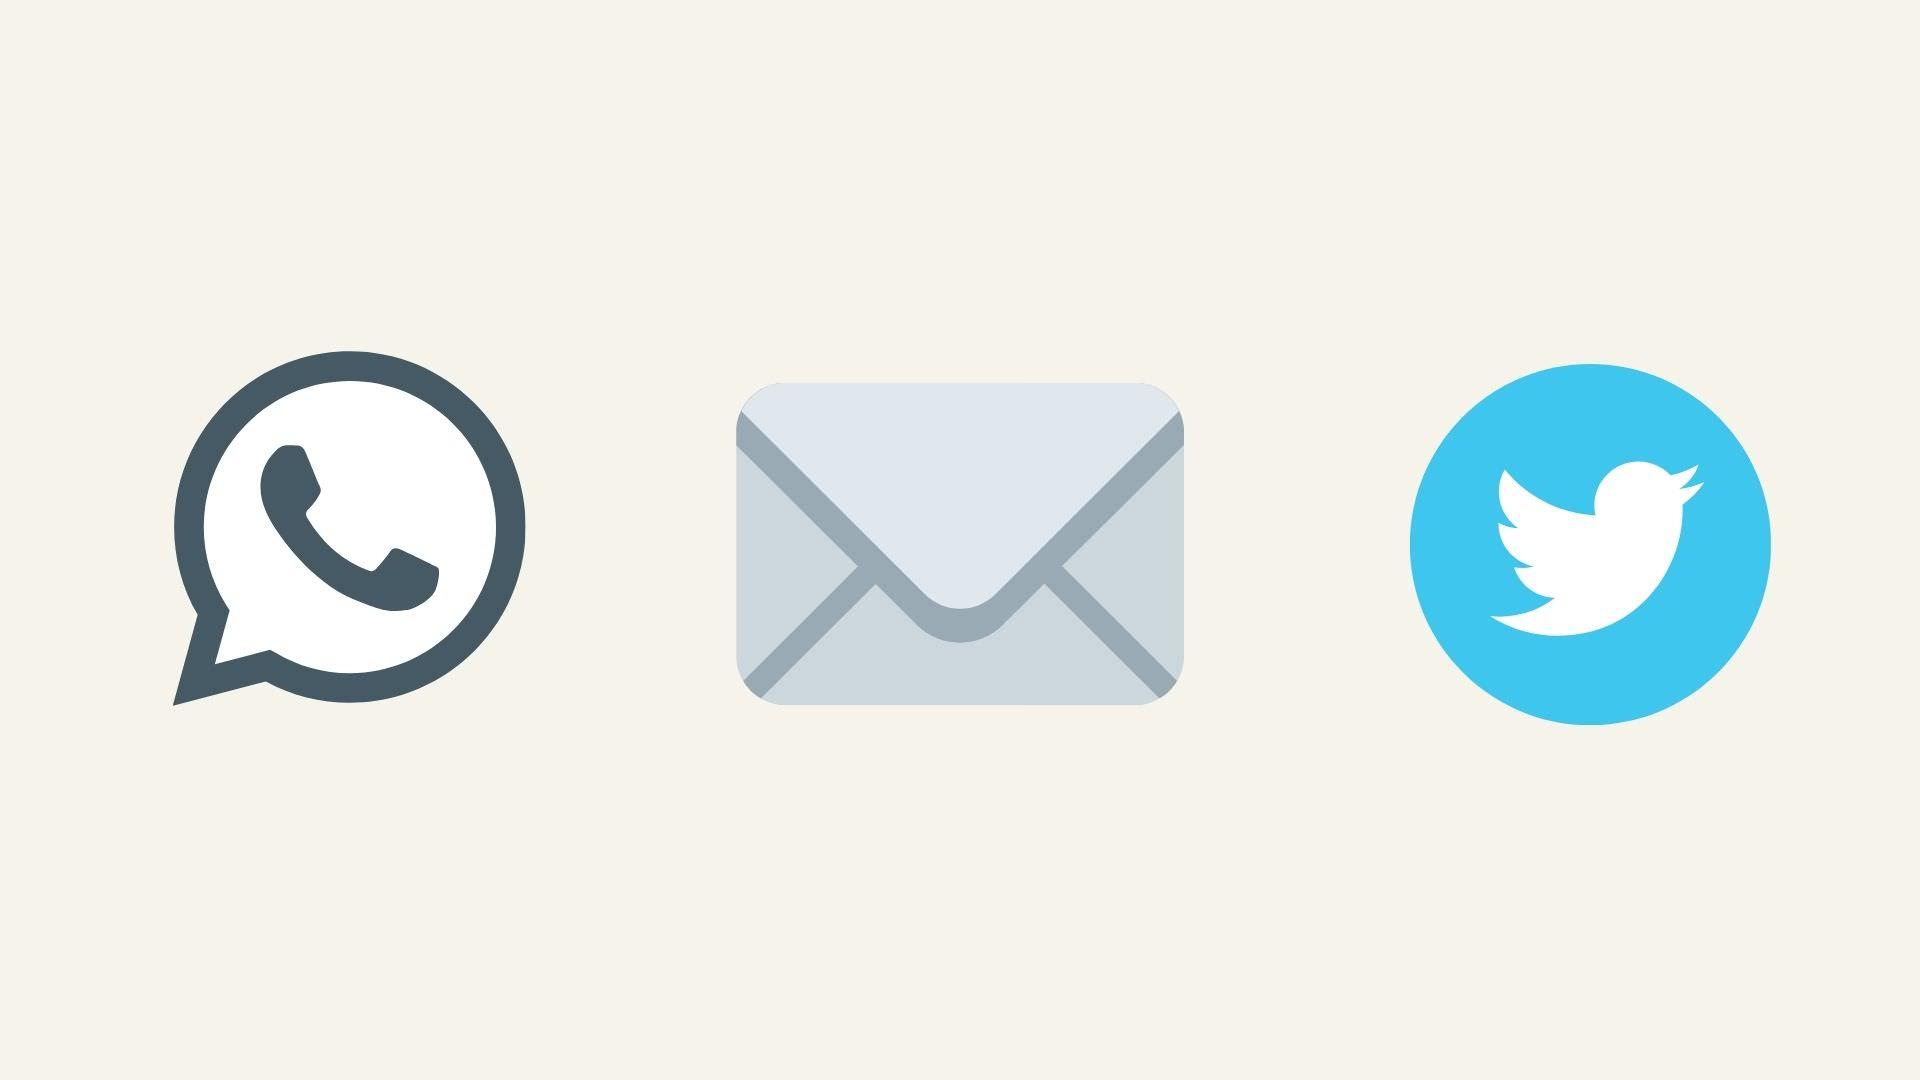 企業への直接応募は電話かメールかSNSの方法をとる